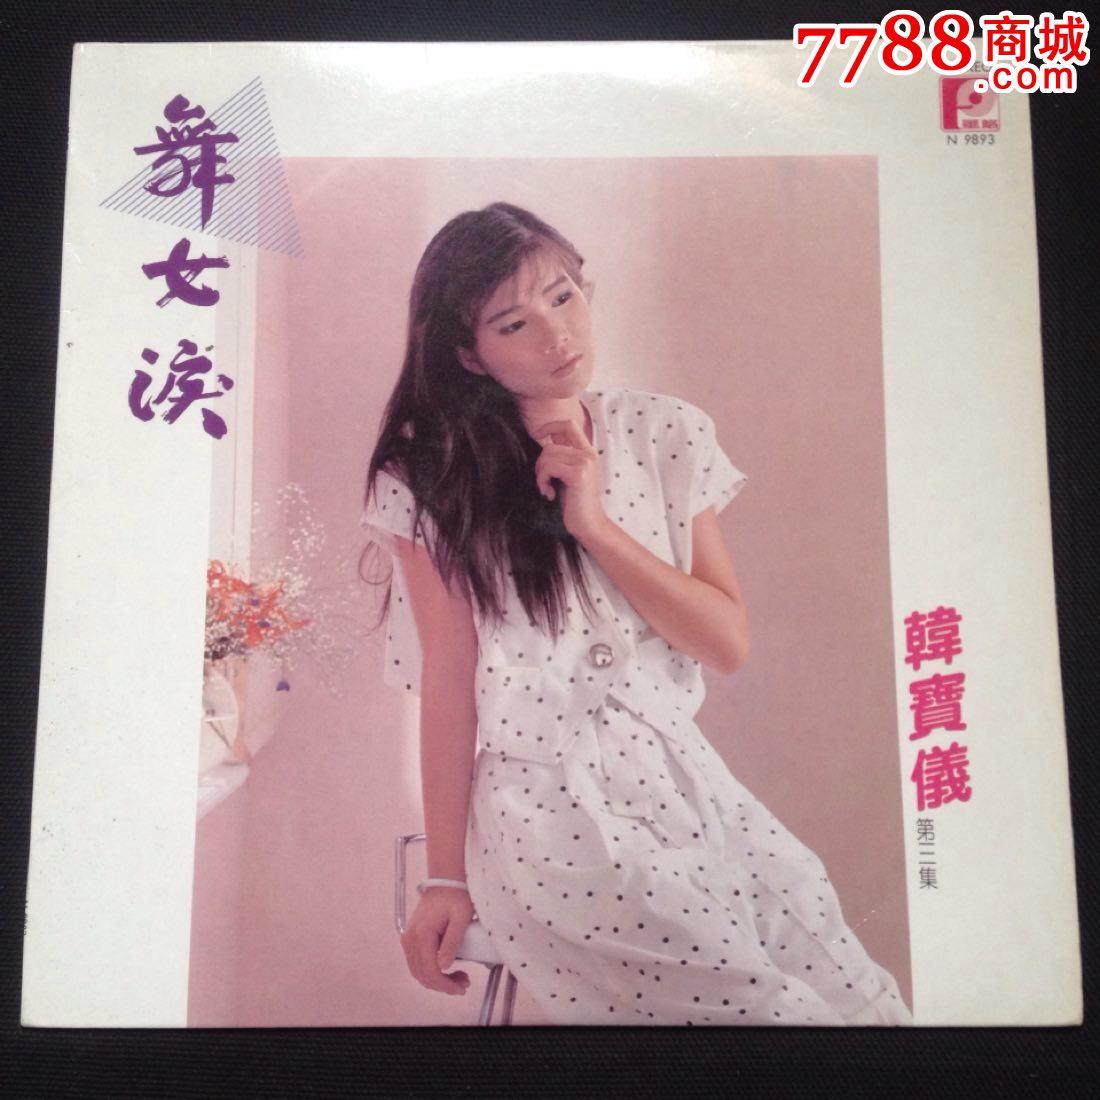 韩宝仪《舞女泪》-老唱片/胶片--au10935398-在线拍卖